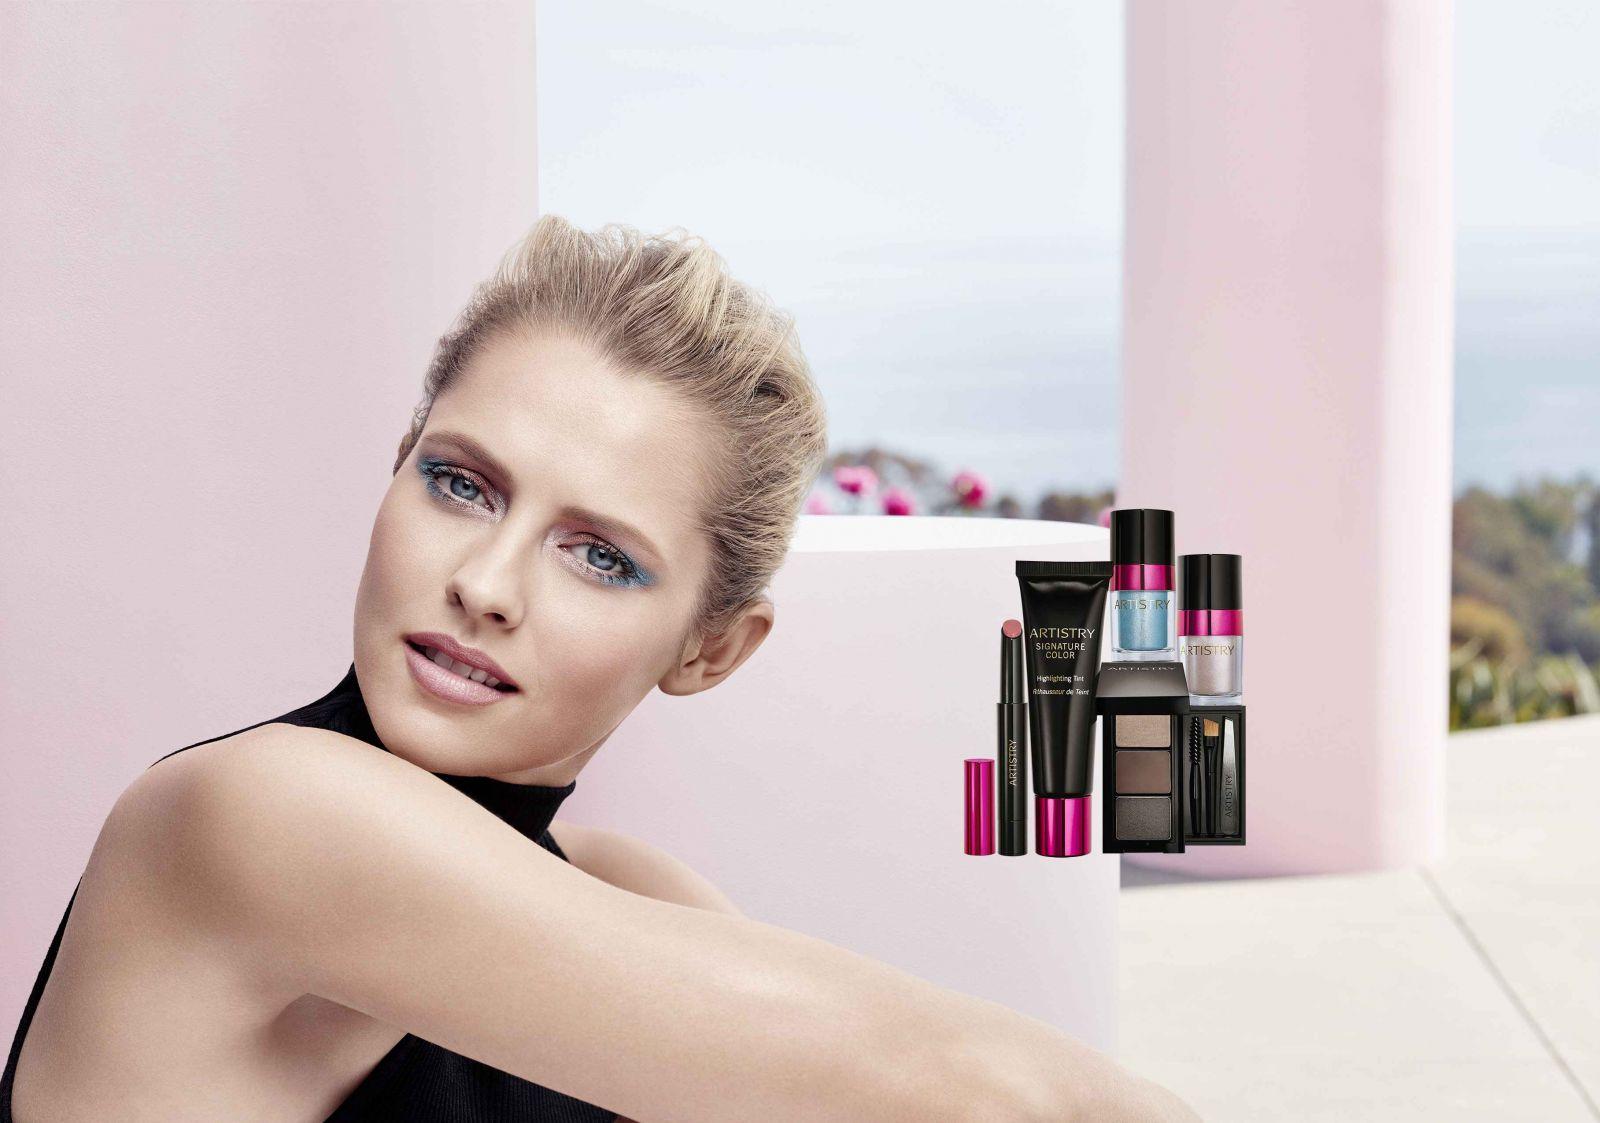 Artistry makeup